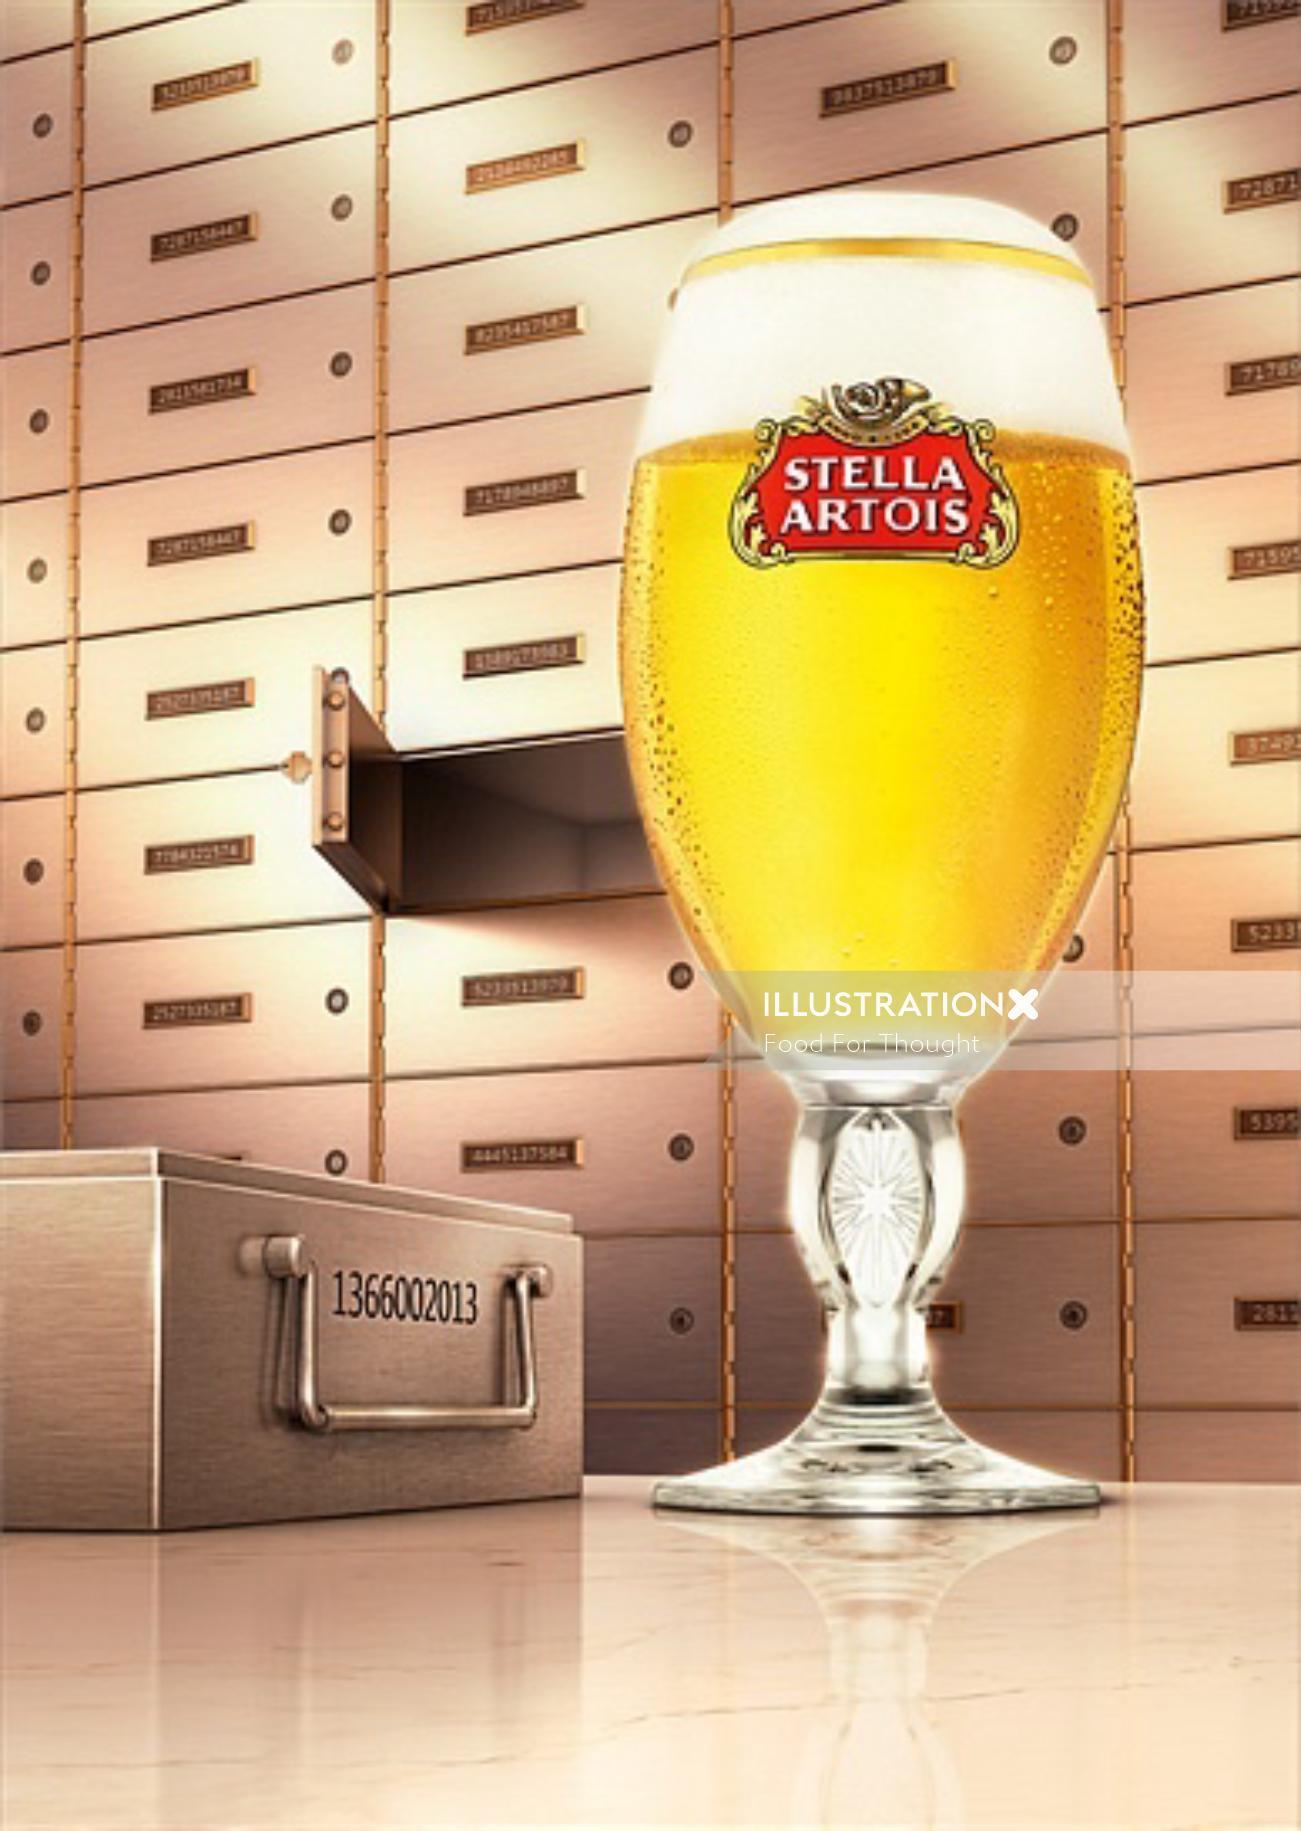 Advertising Stella Artois